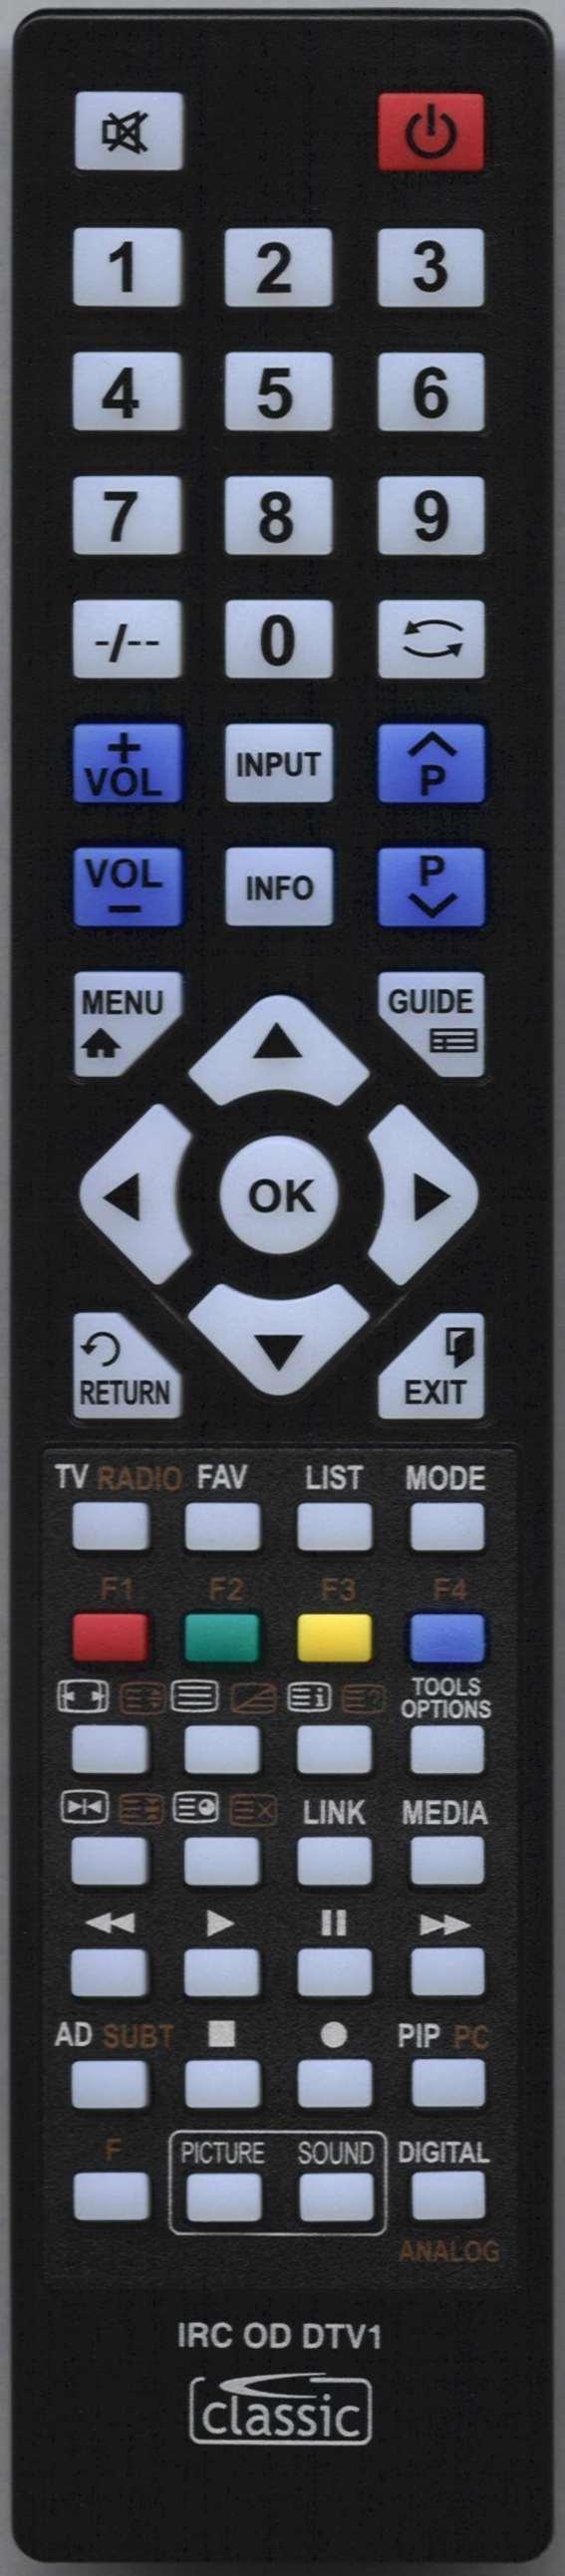 POLAROID SHDV2211-I1-D0 Remote Control